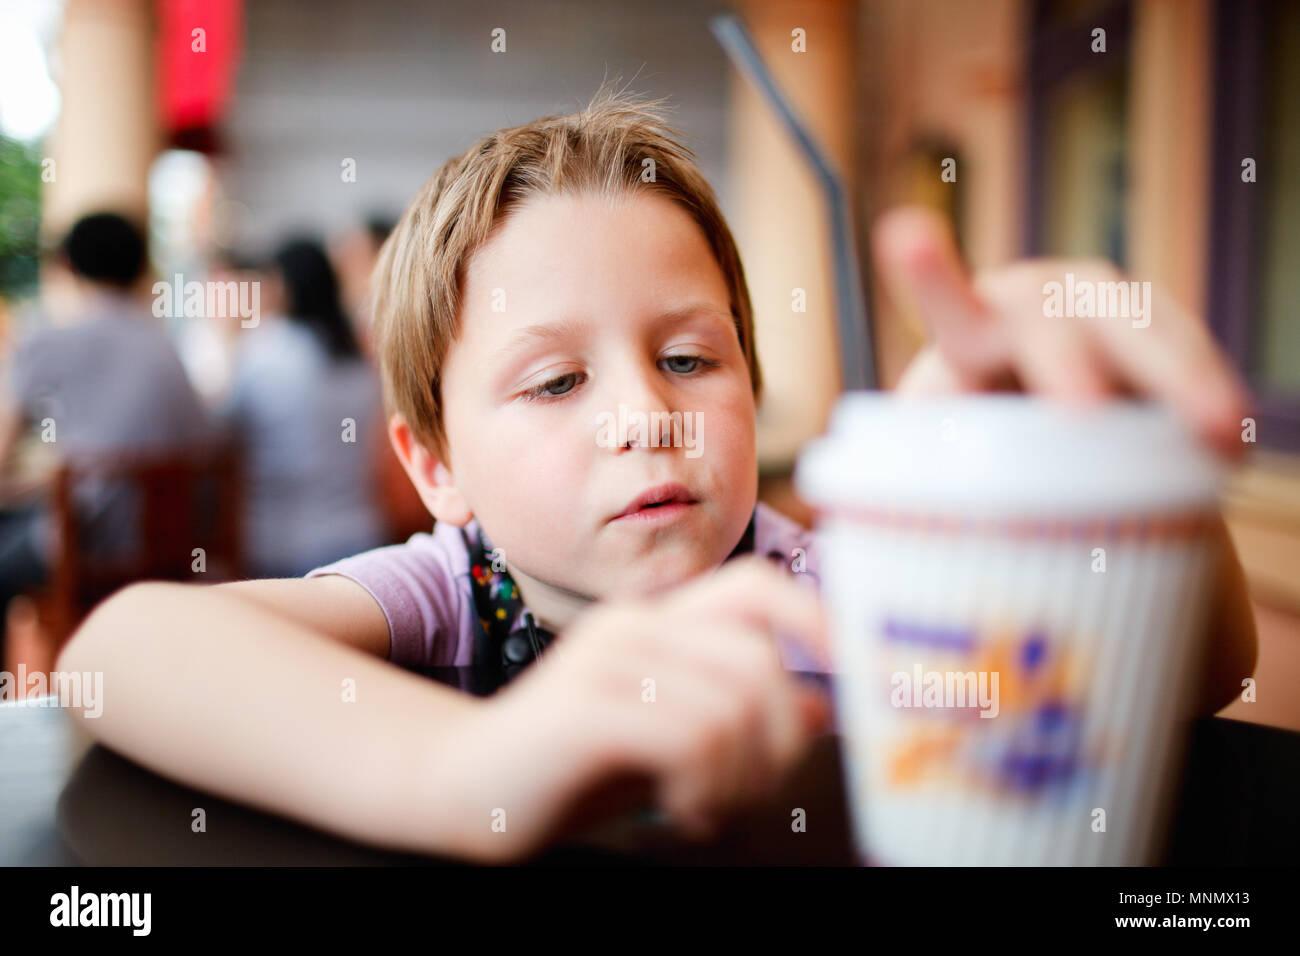 Ritratto informale del ragazzino cafe Immagini Stock